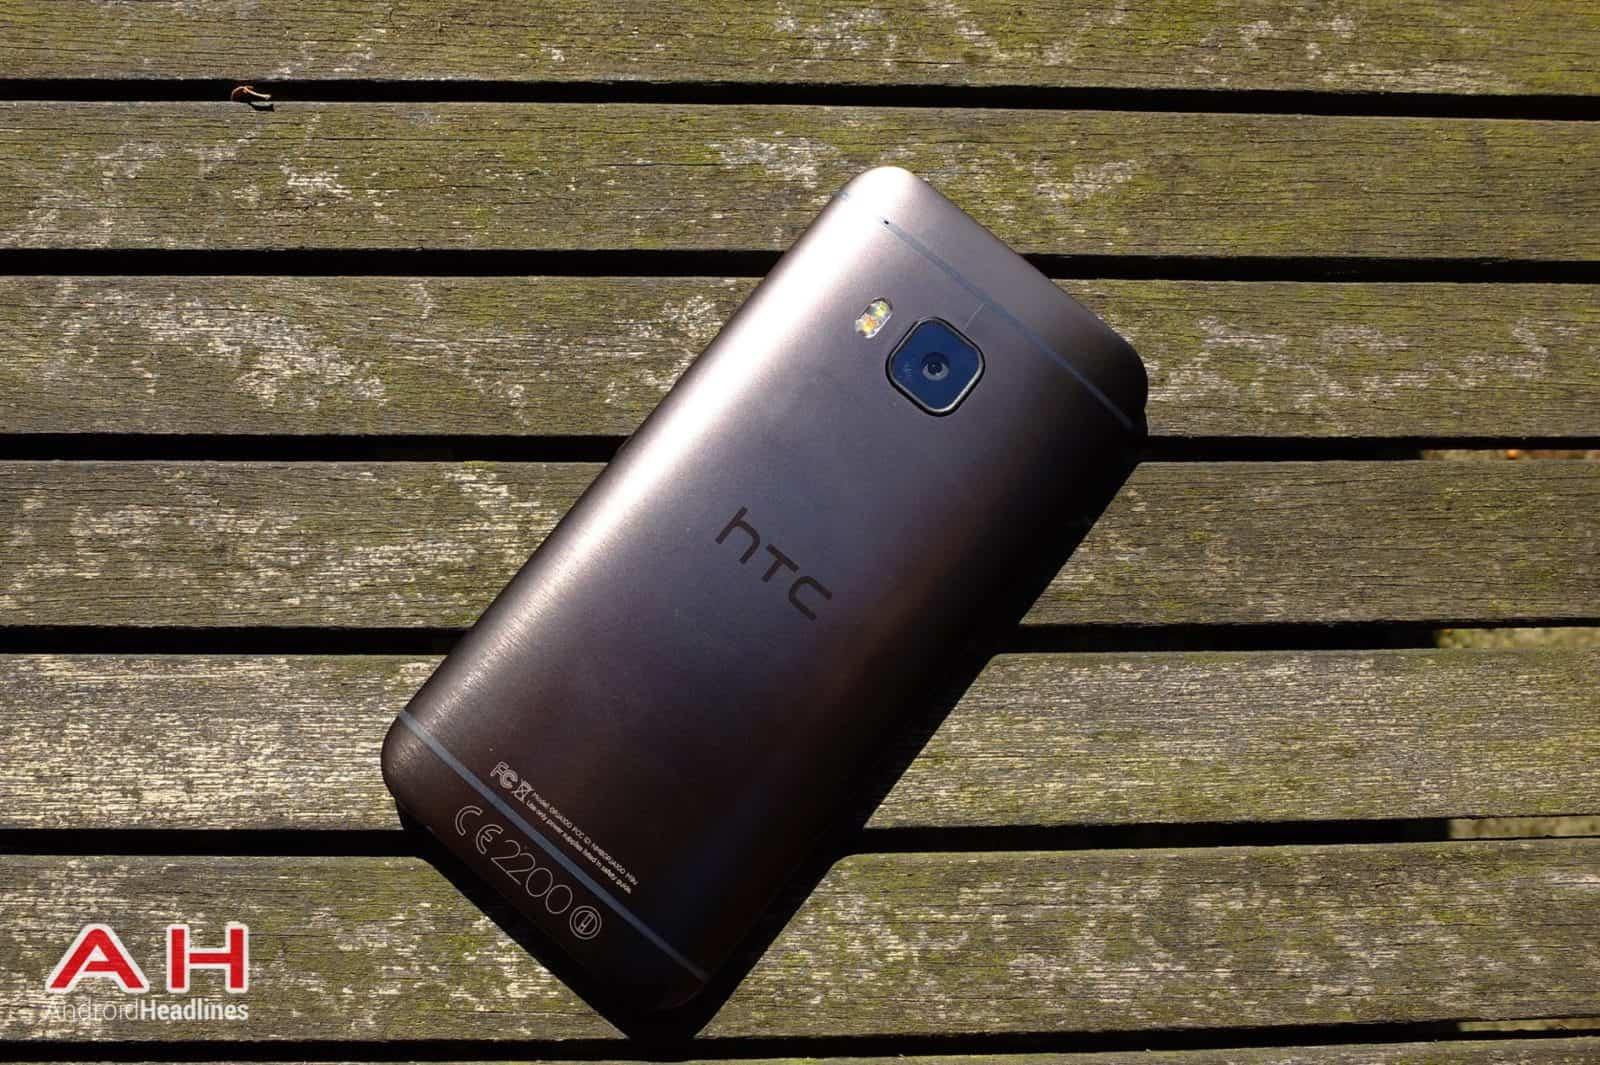 HTC One M9 TD AH 04